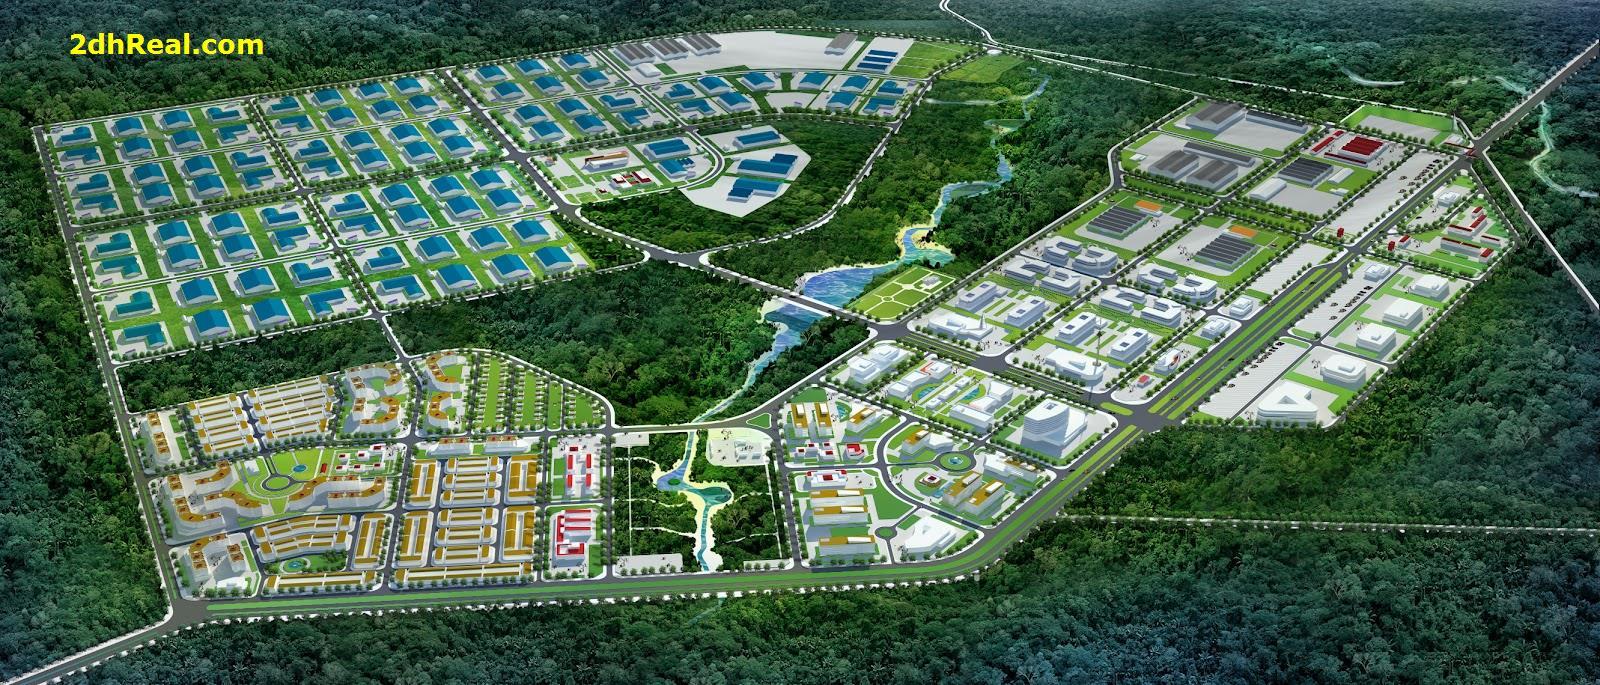 Tìm nguồn đầu tư tài chính dài hạn dự án Khu Công nghiệp Đức Hòa III - Slico GĐ1, Long An